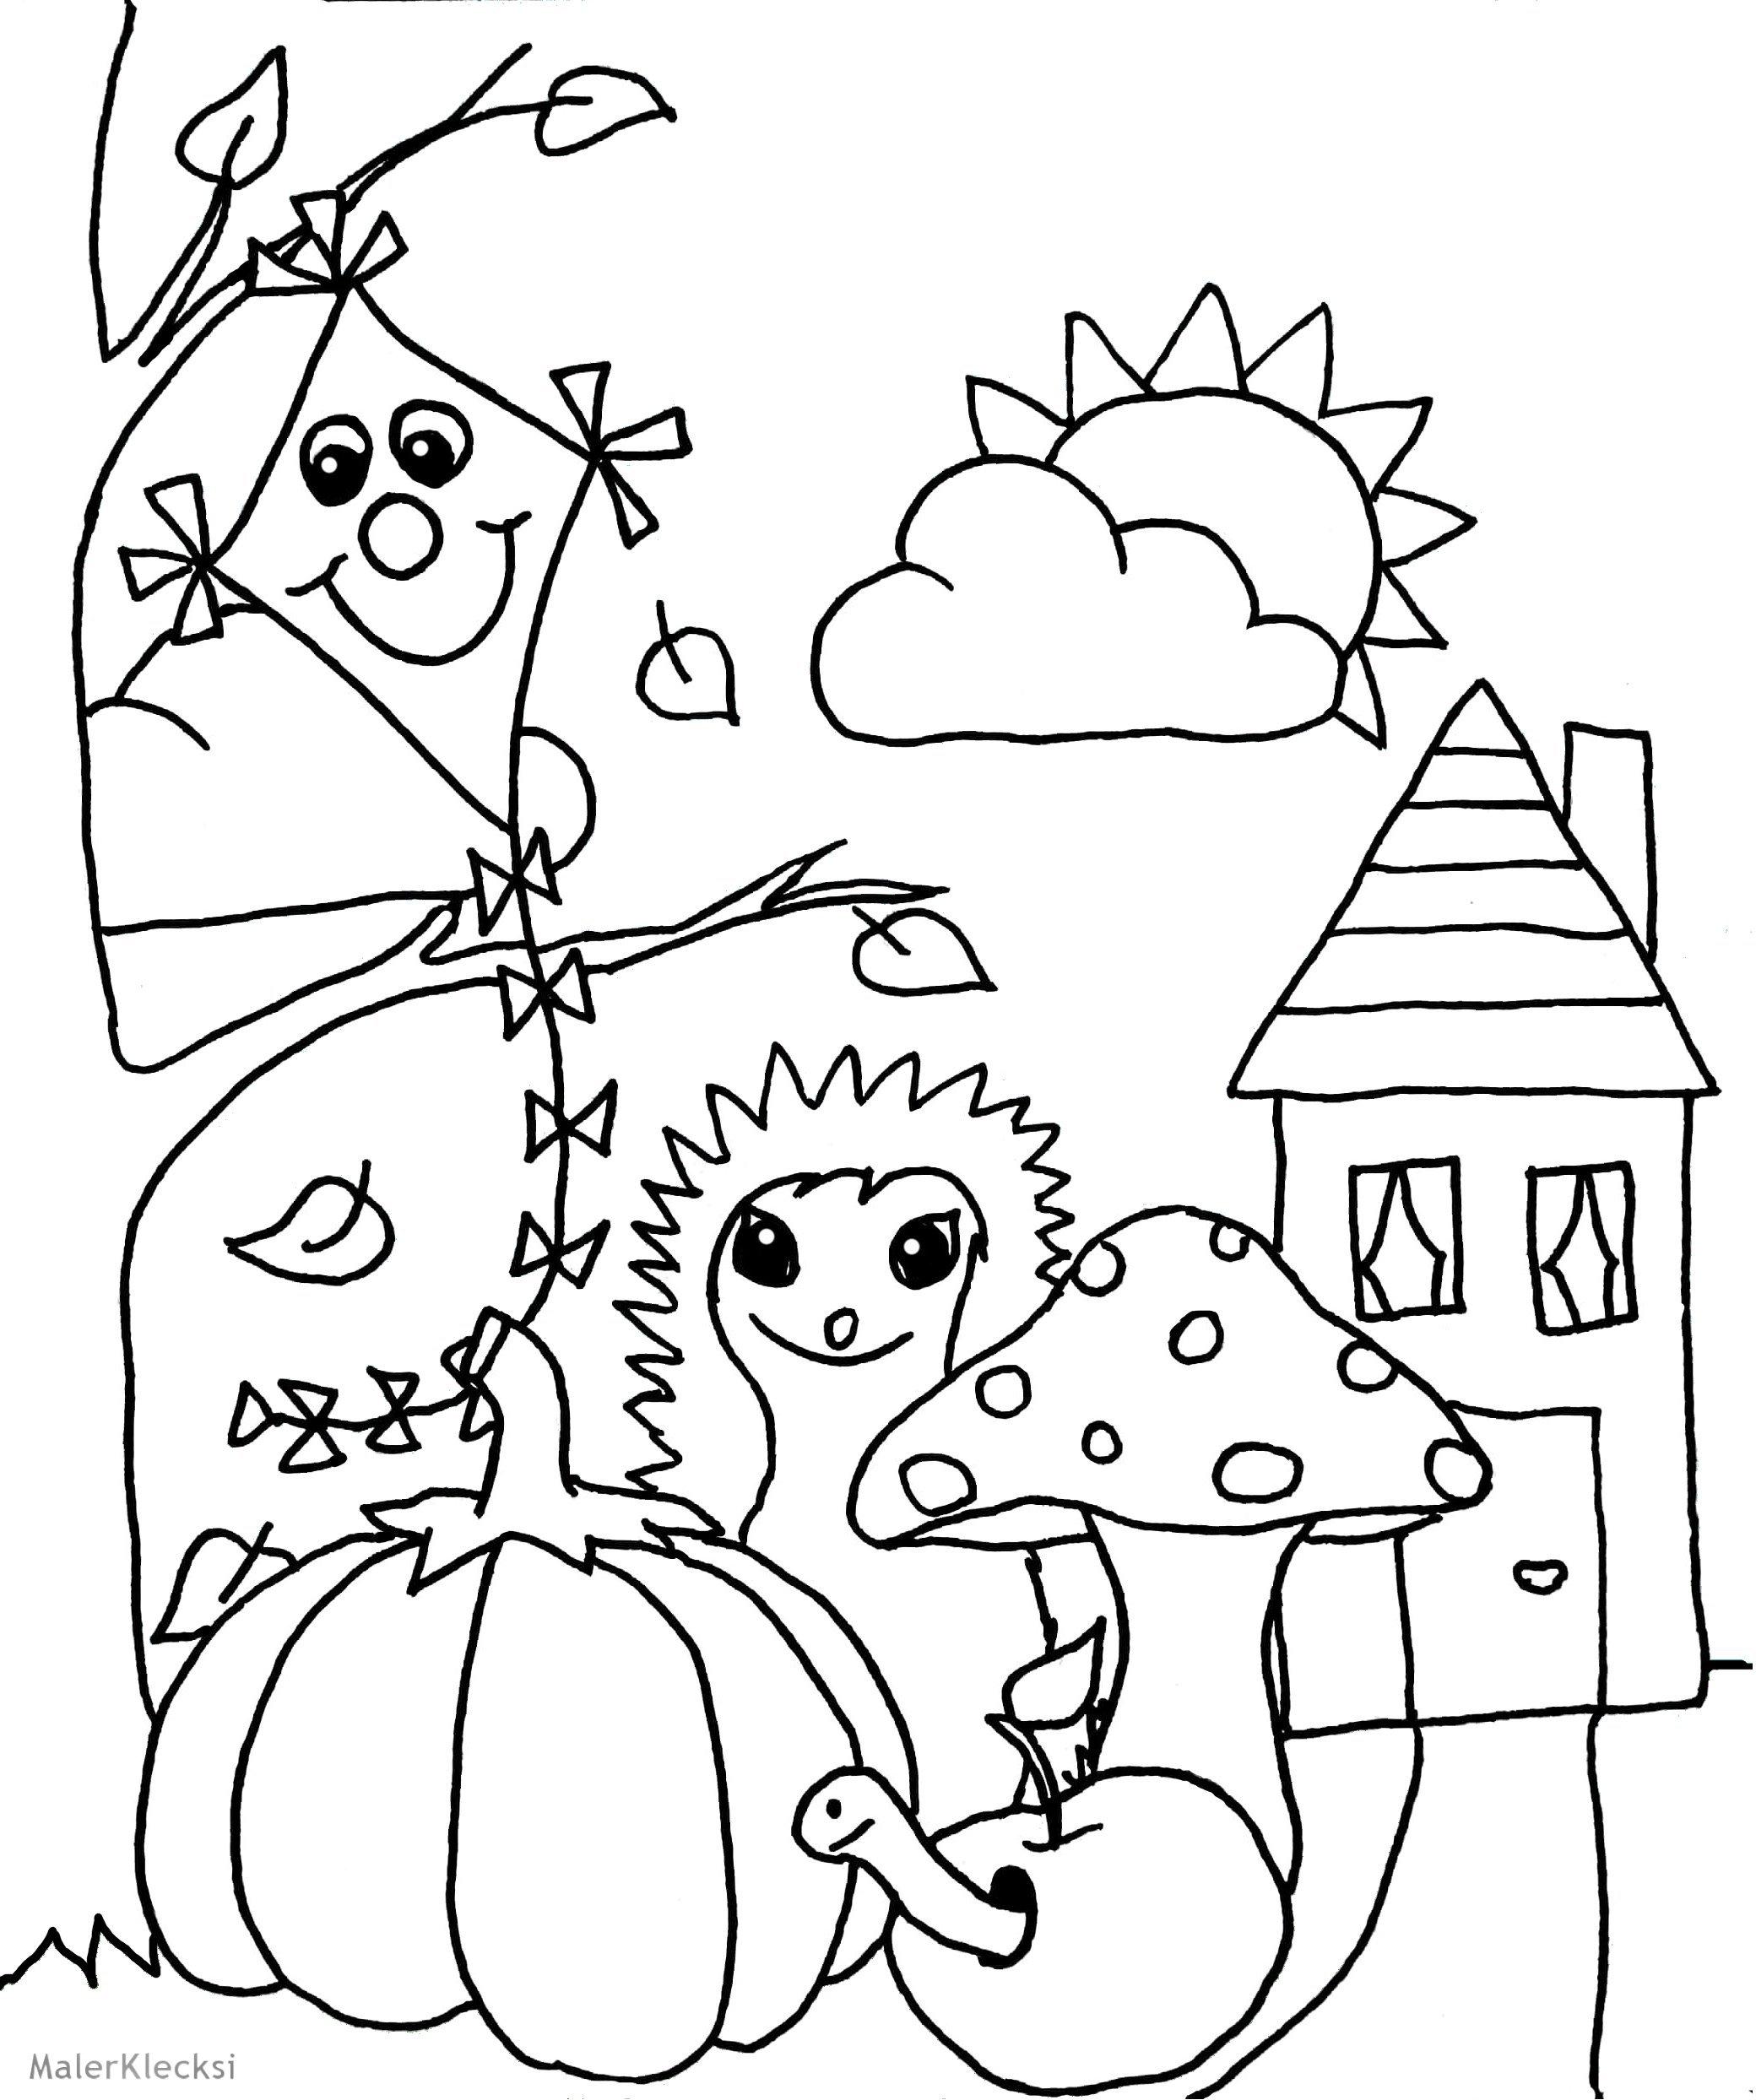 Ausmalbild für Kinder - Herbst - MalerKlecksi